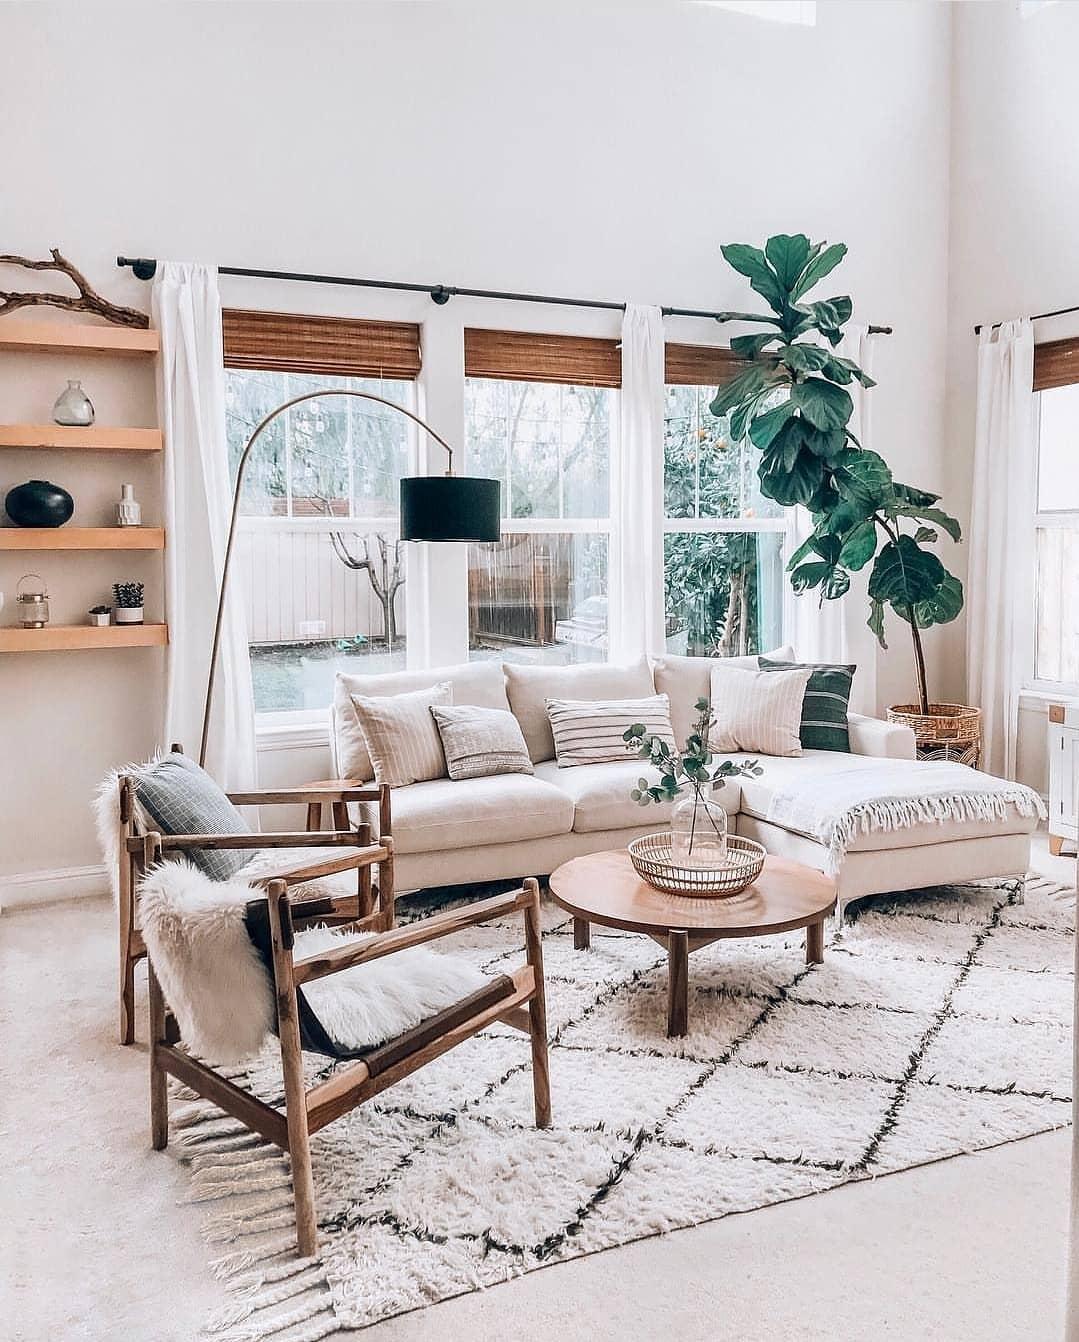 Desain Ruang Tamu Minimalis Modern Kesan Klasik Dengan White Interior Inspirasi Desain Rumah Terkini